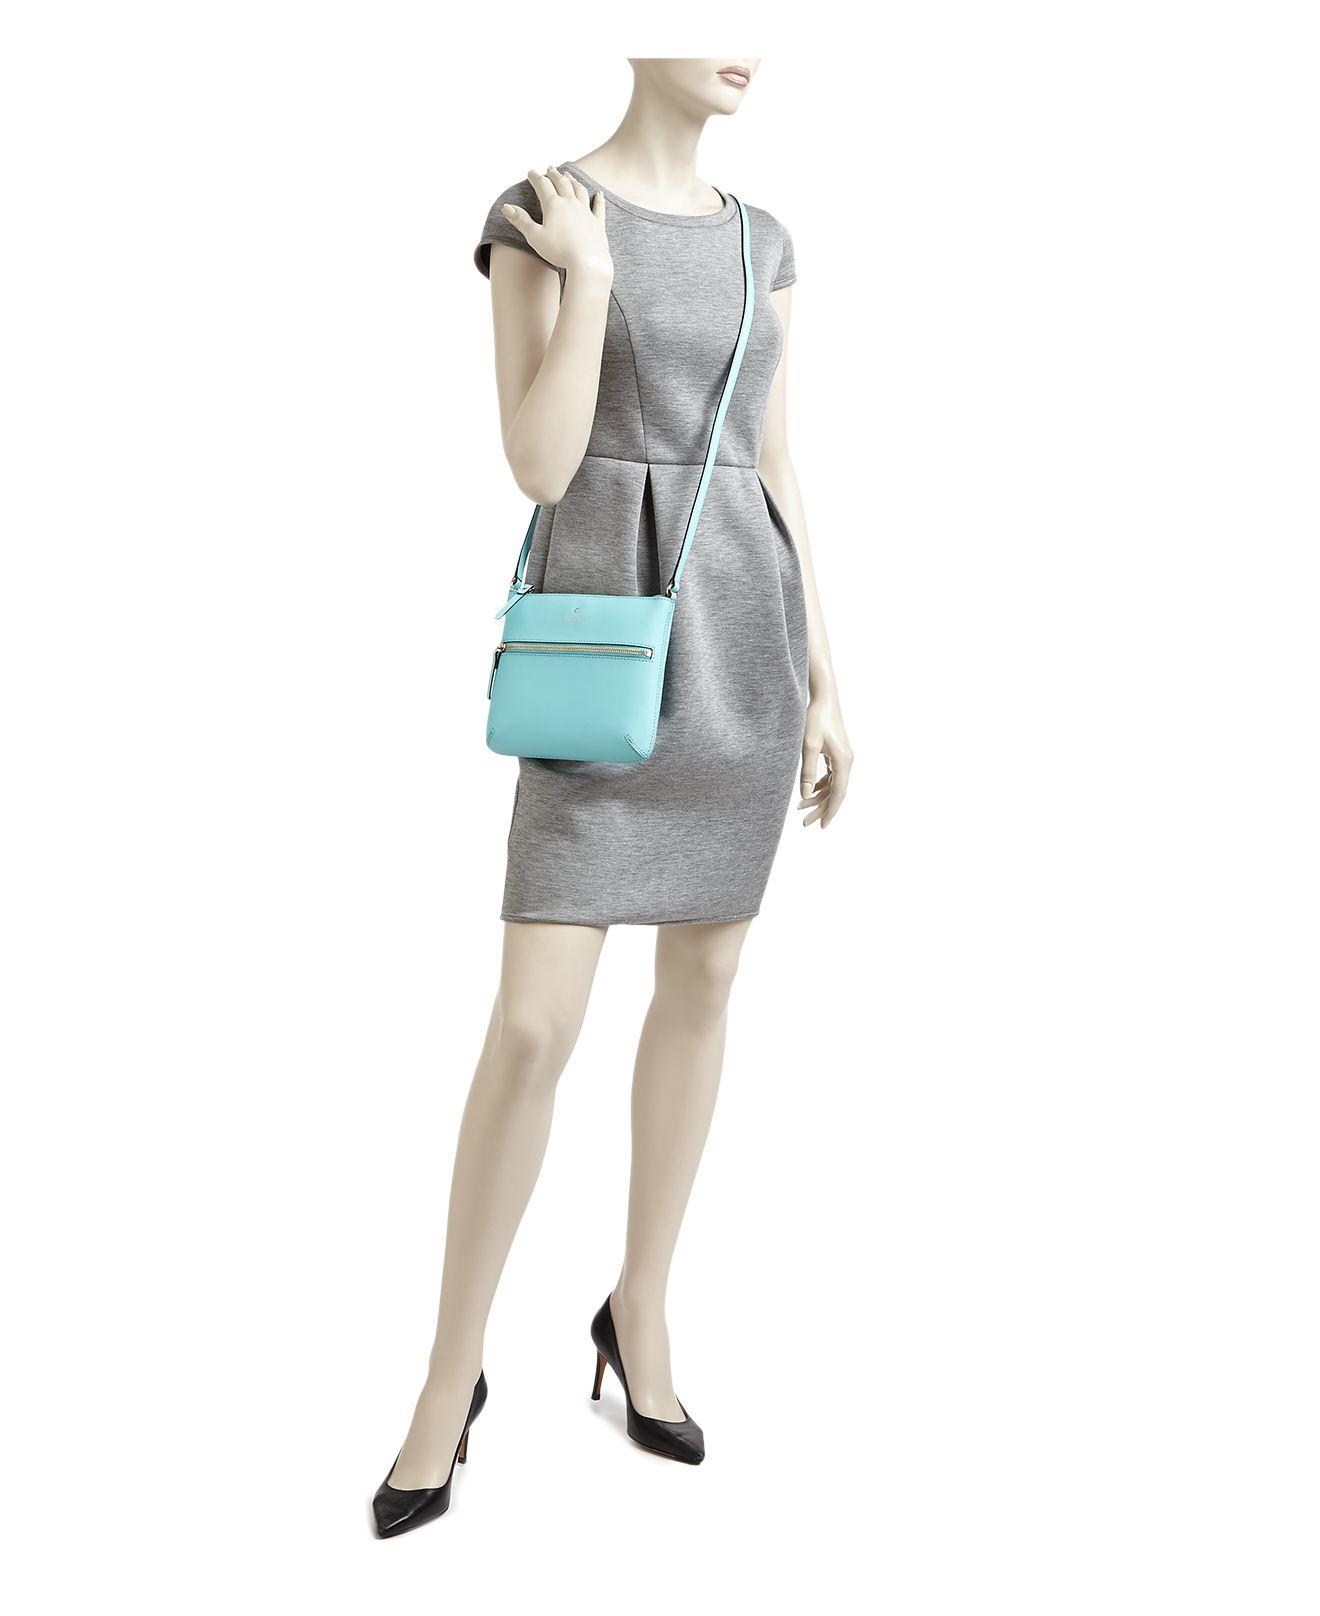 Kate Spade Leather Cedar Street Tenley Crossbody in Blue